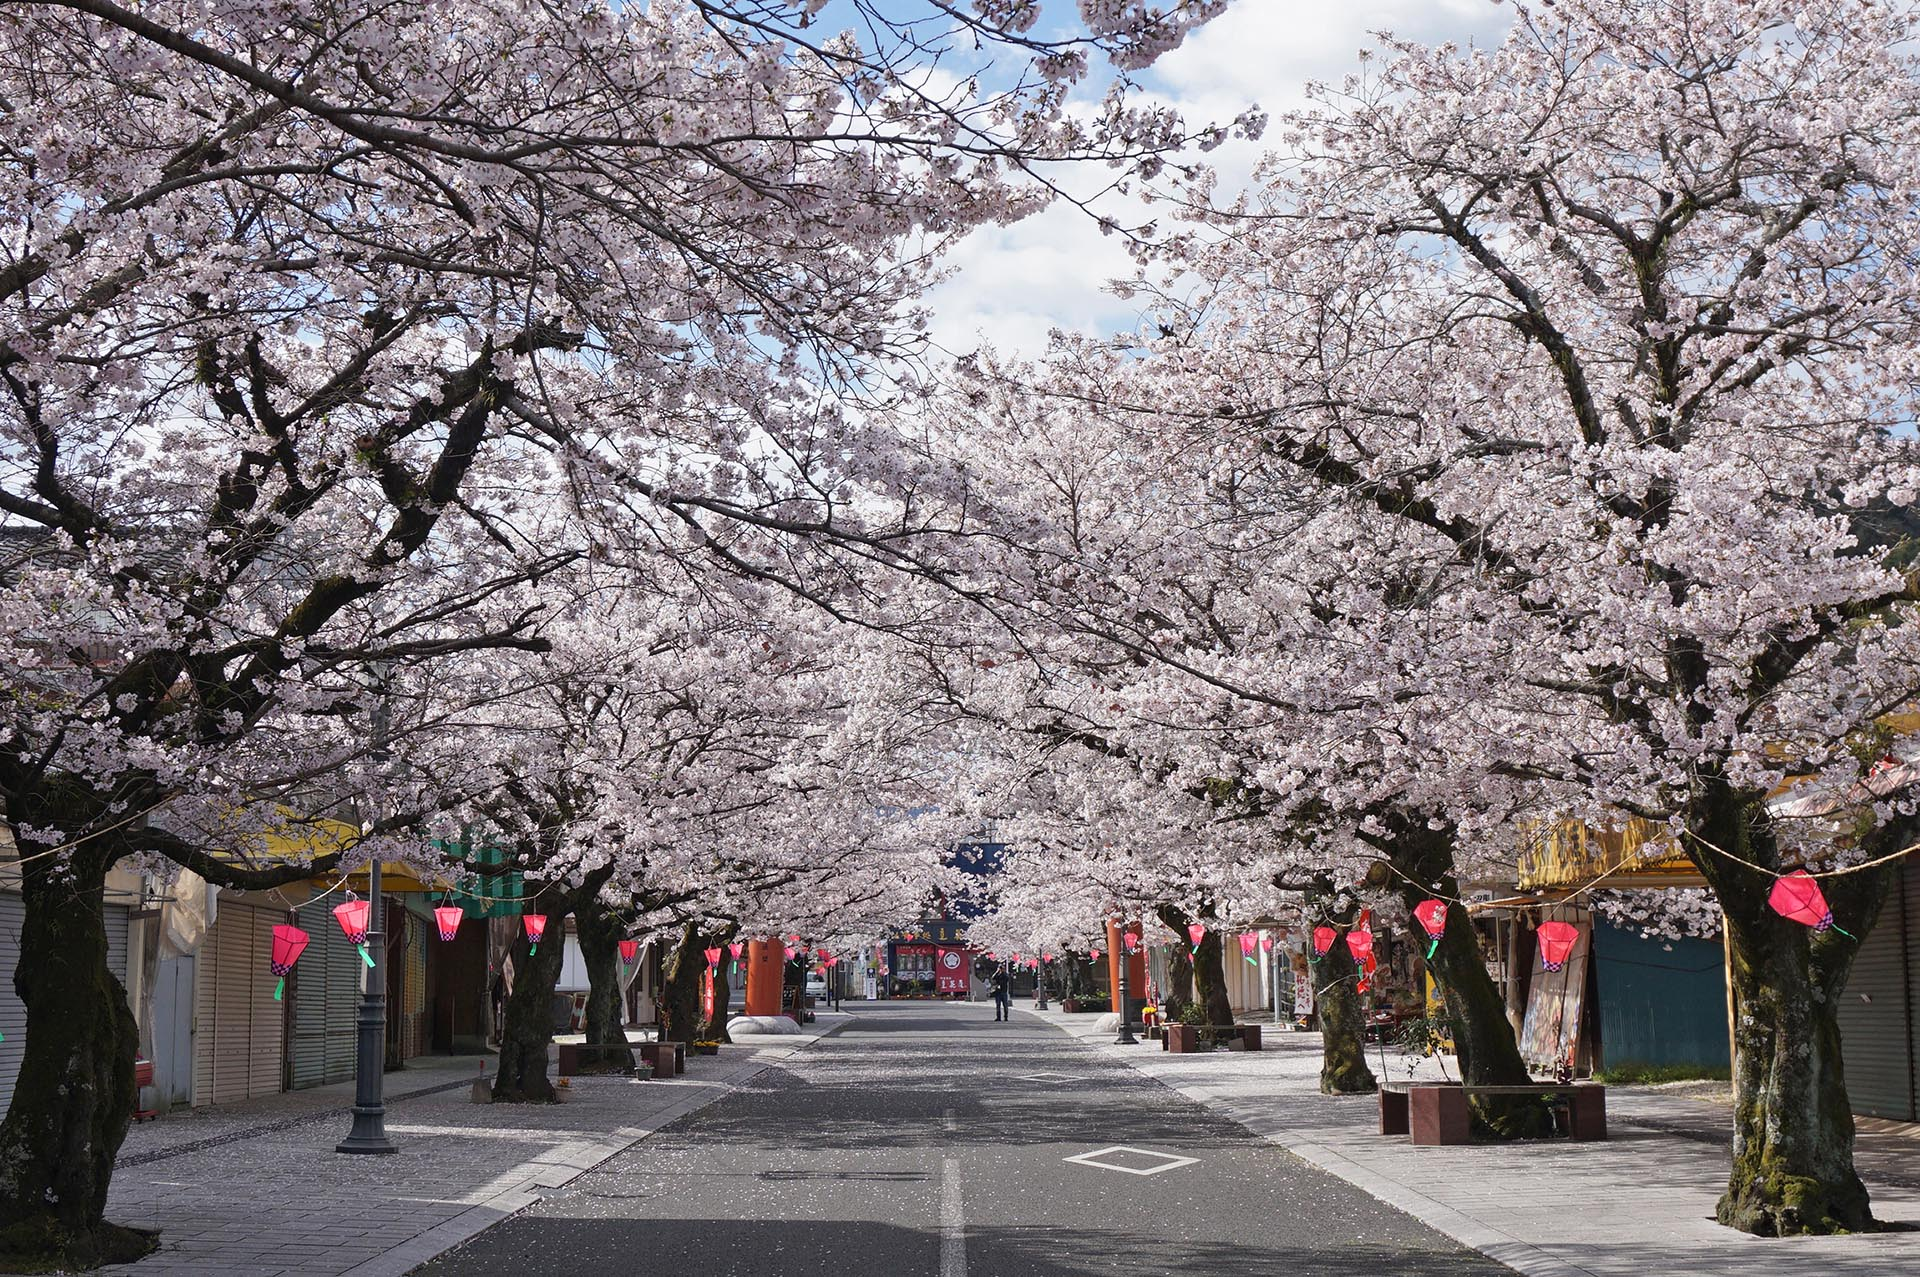 祐徳稲荷神社門前商店街の桜